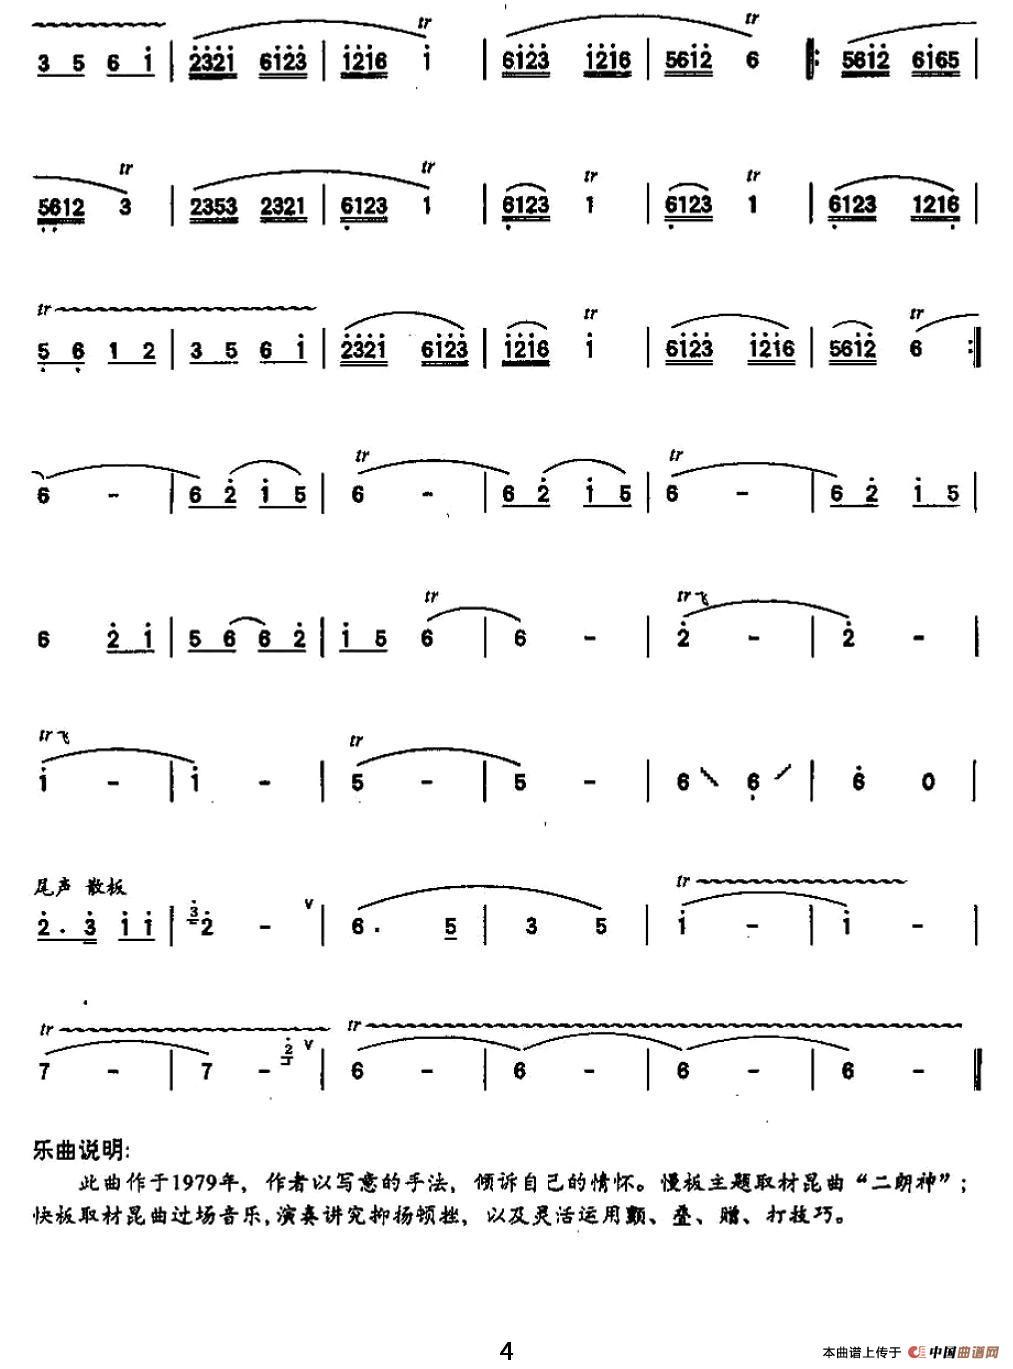 笛子曲|赵松庭笛子演奏《幽兰逢春》【珍藏版】